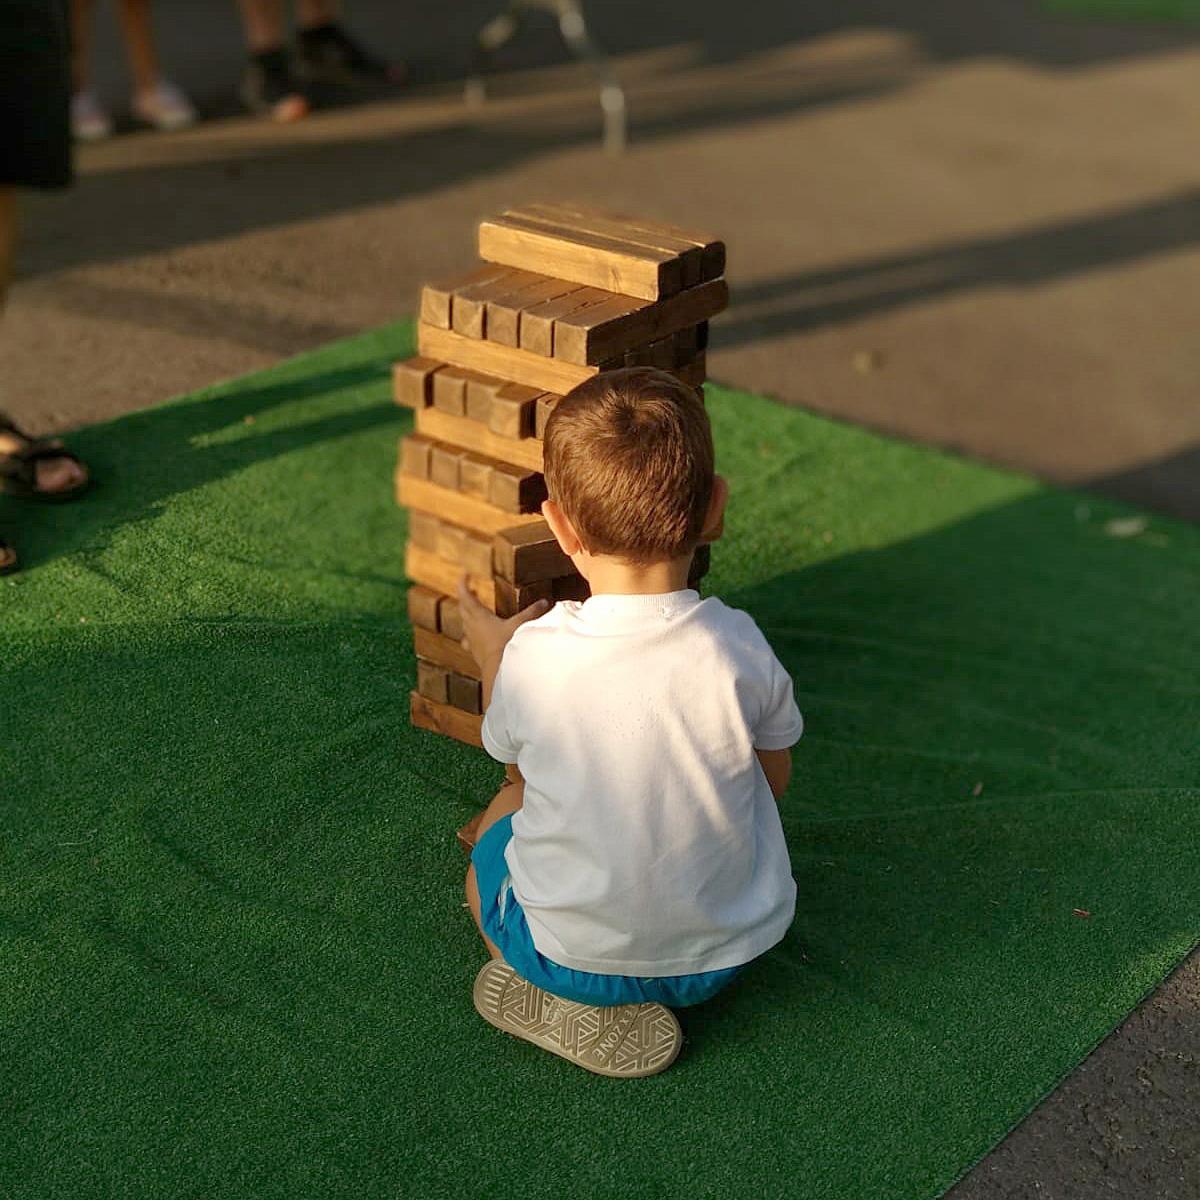 juegos de madera 11111